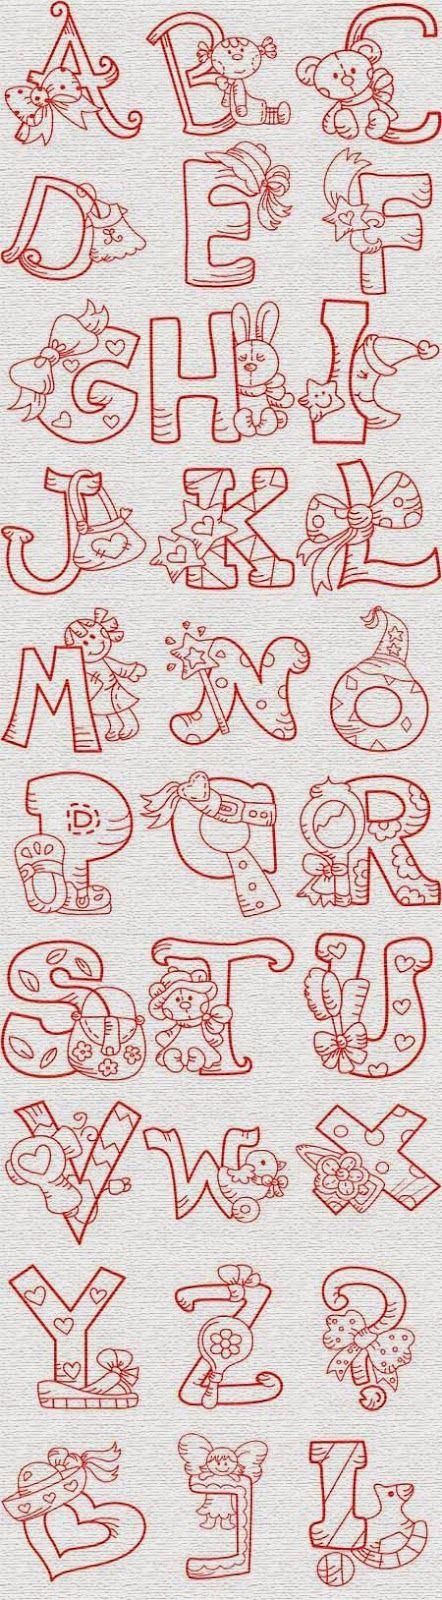 Alfabeto con juguetes y cosas de nena.